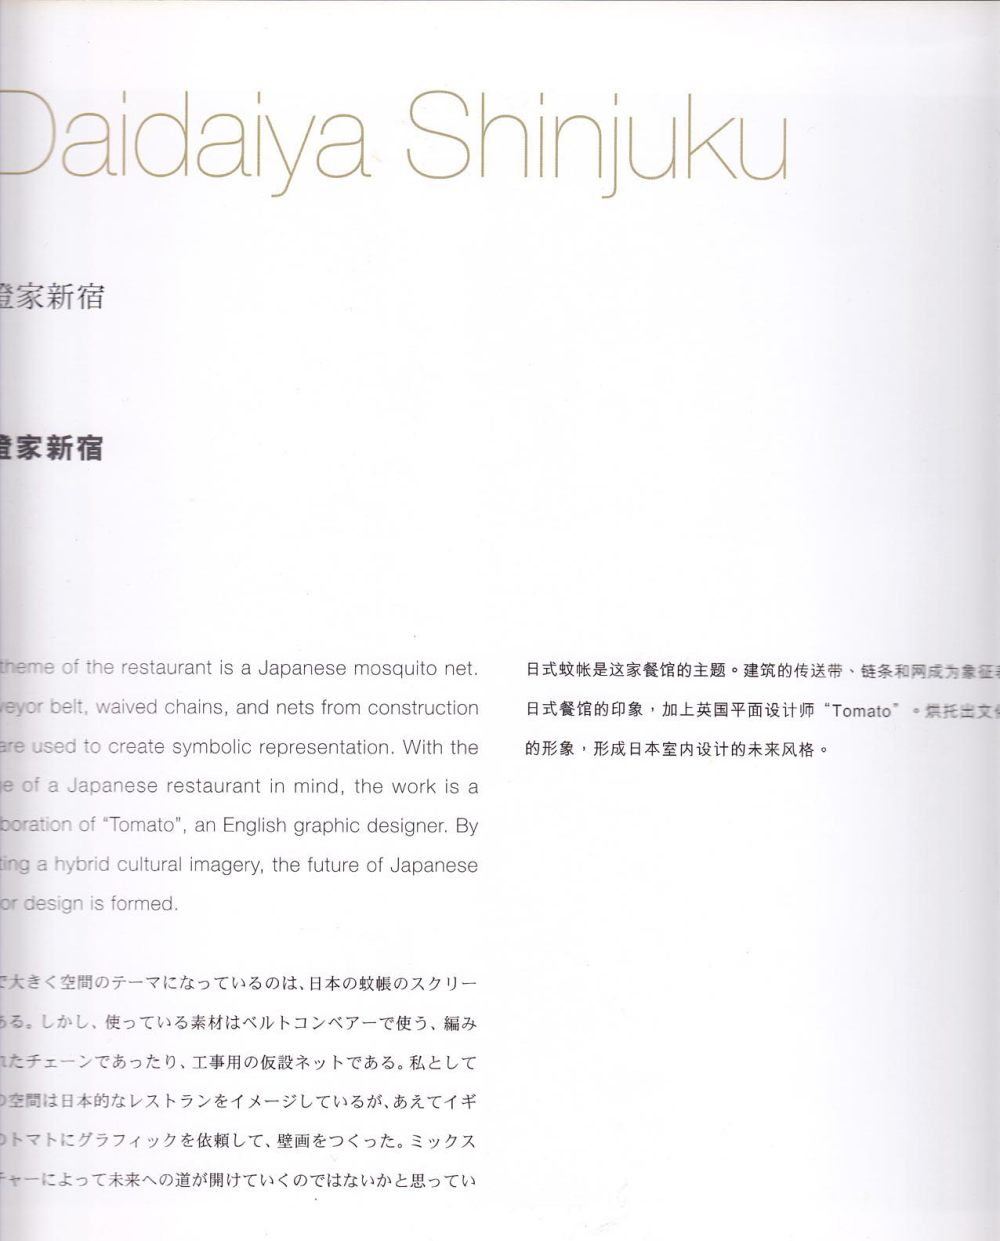 《桥本夕纪夫设计观》_68.jpg